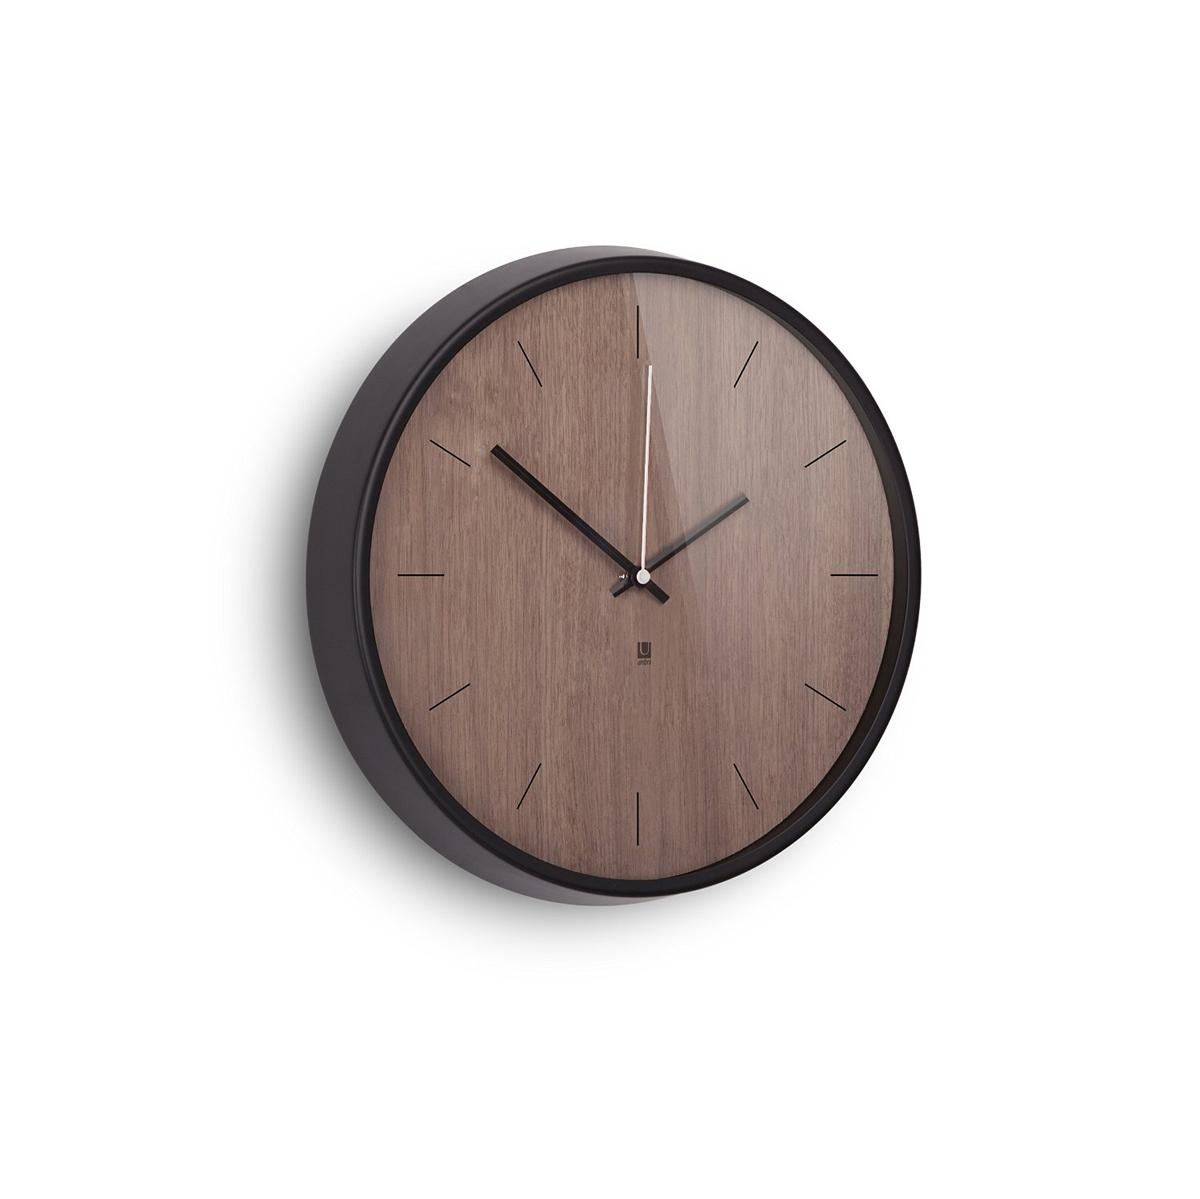 Настенные часы Umbra Madera, цвет: шоколадный94672Хоть и говорят, что счастливые часов не наблюдают, но все же иногда необходимо знать точное время. Не смотря на то, что на этих часах отсутствует разметка, вы запросто определите который час, а главное, станете еще чуточку счастливее - ведь такой элегантный дизайн не может не радовать! Сочетание классики и современности, шпона дерева цвета грецкого ореха и алюминиевой рамки - дизайн вне времени. Шикарно будет смотреться в офисе, в гостиной, в спальне - в любом интерьере.